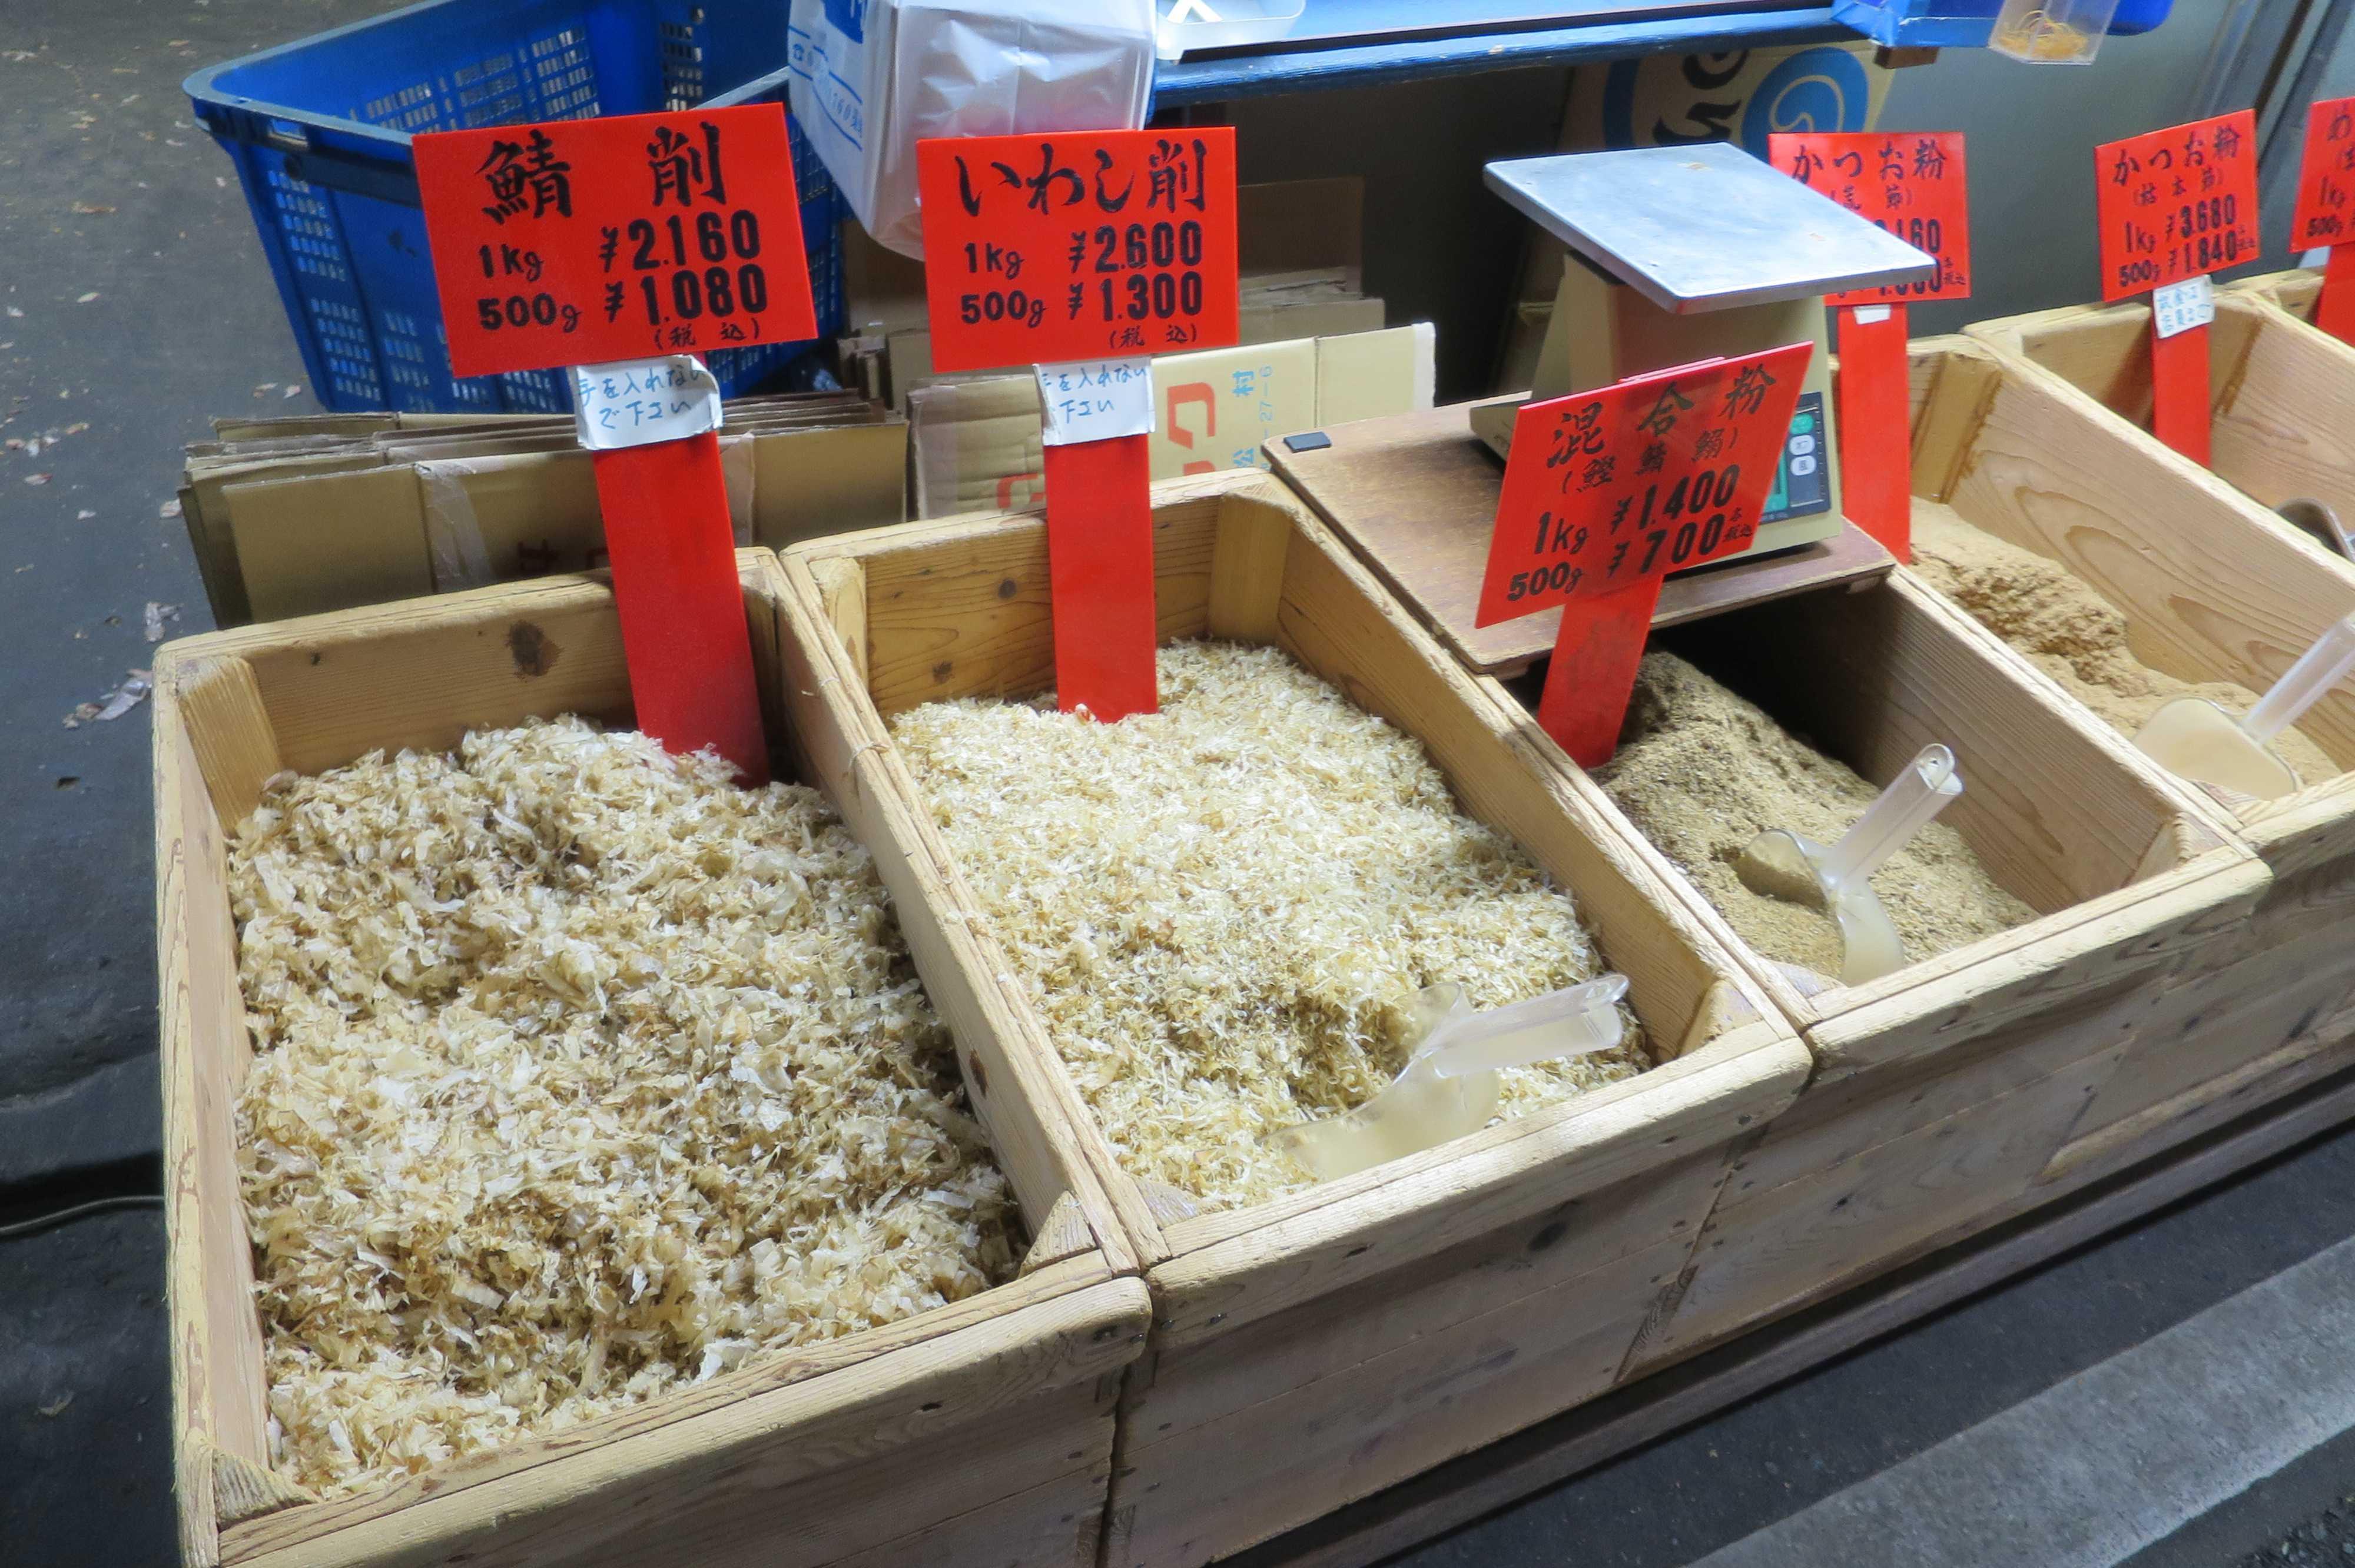 築地場外市場 - 鯖削、いわし削、かつお粉など